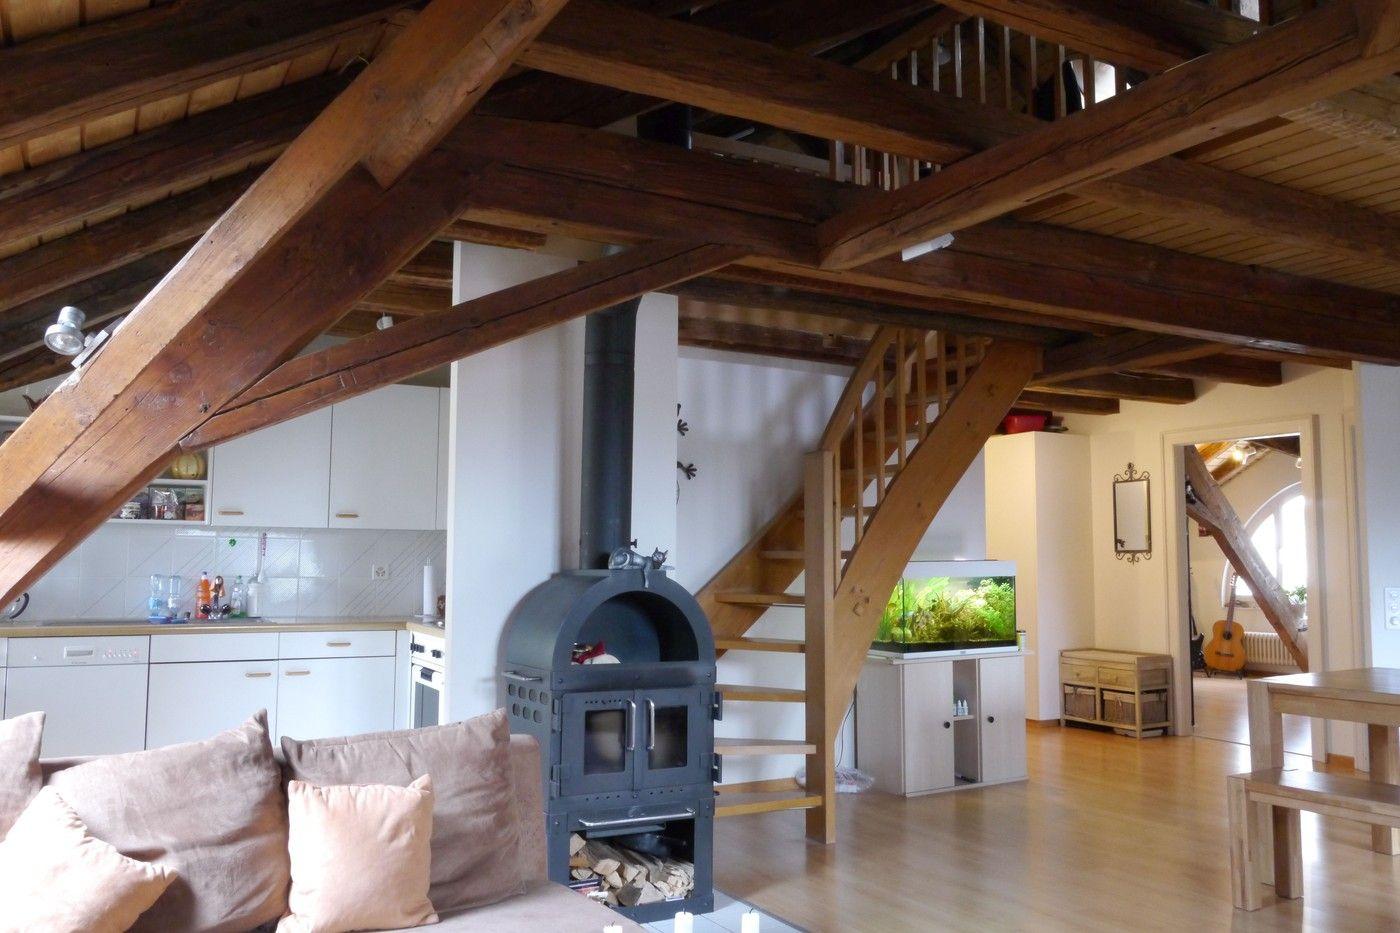 Stilvolle 3 5 Zimmer Wohnung In Frauenfeld Zu Vermieten Https Flatfox Ch De 5375 Utm Source Pinterest Utm Medium Wohnung Zimmer